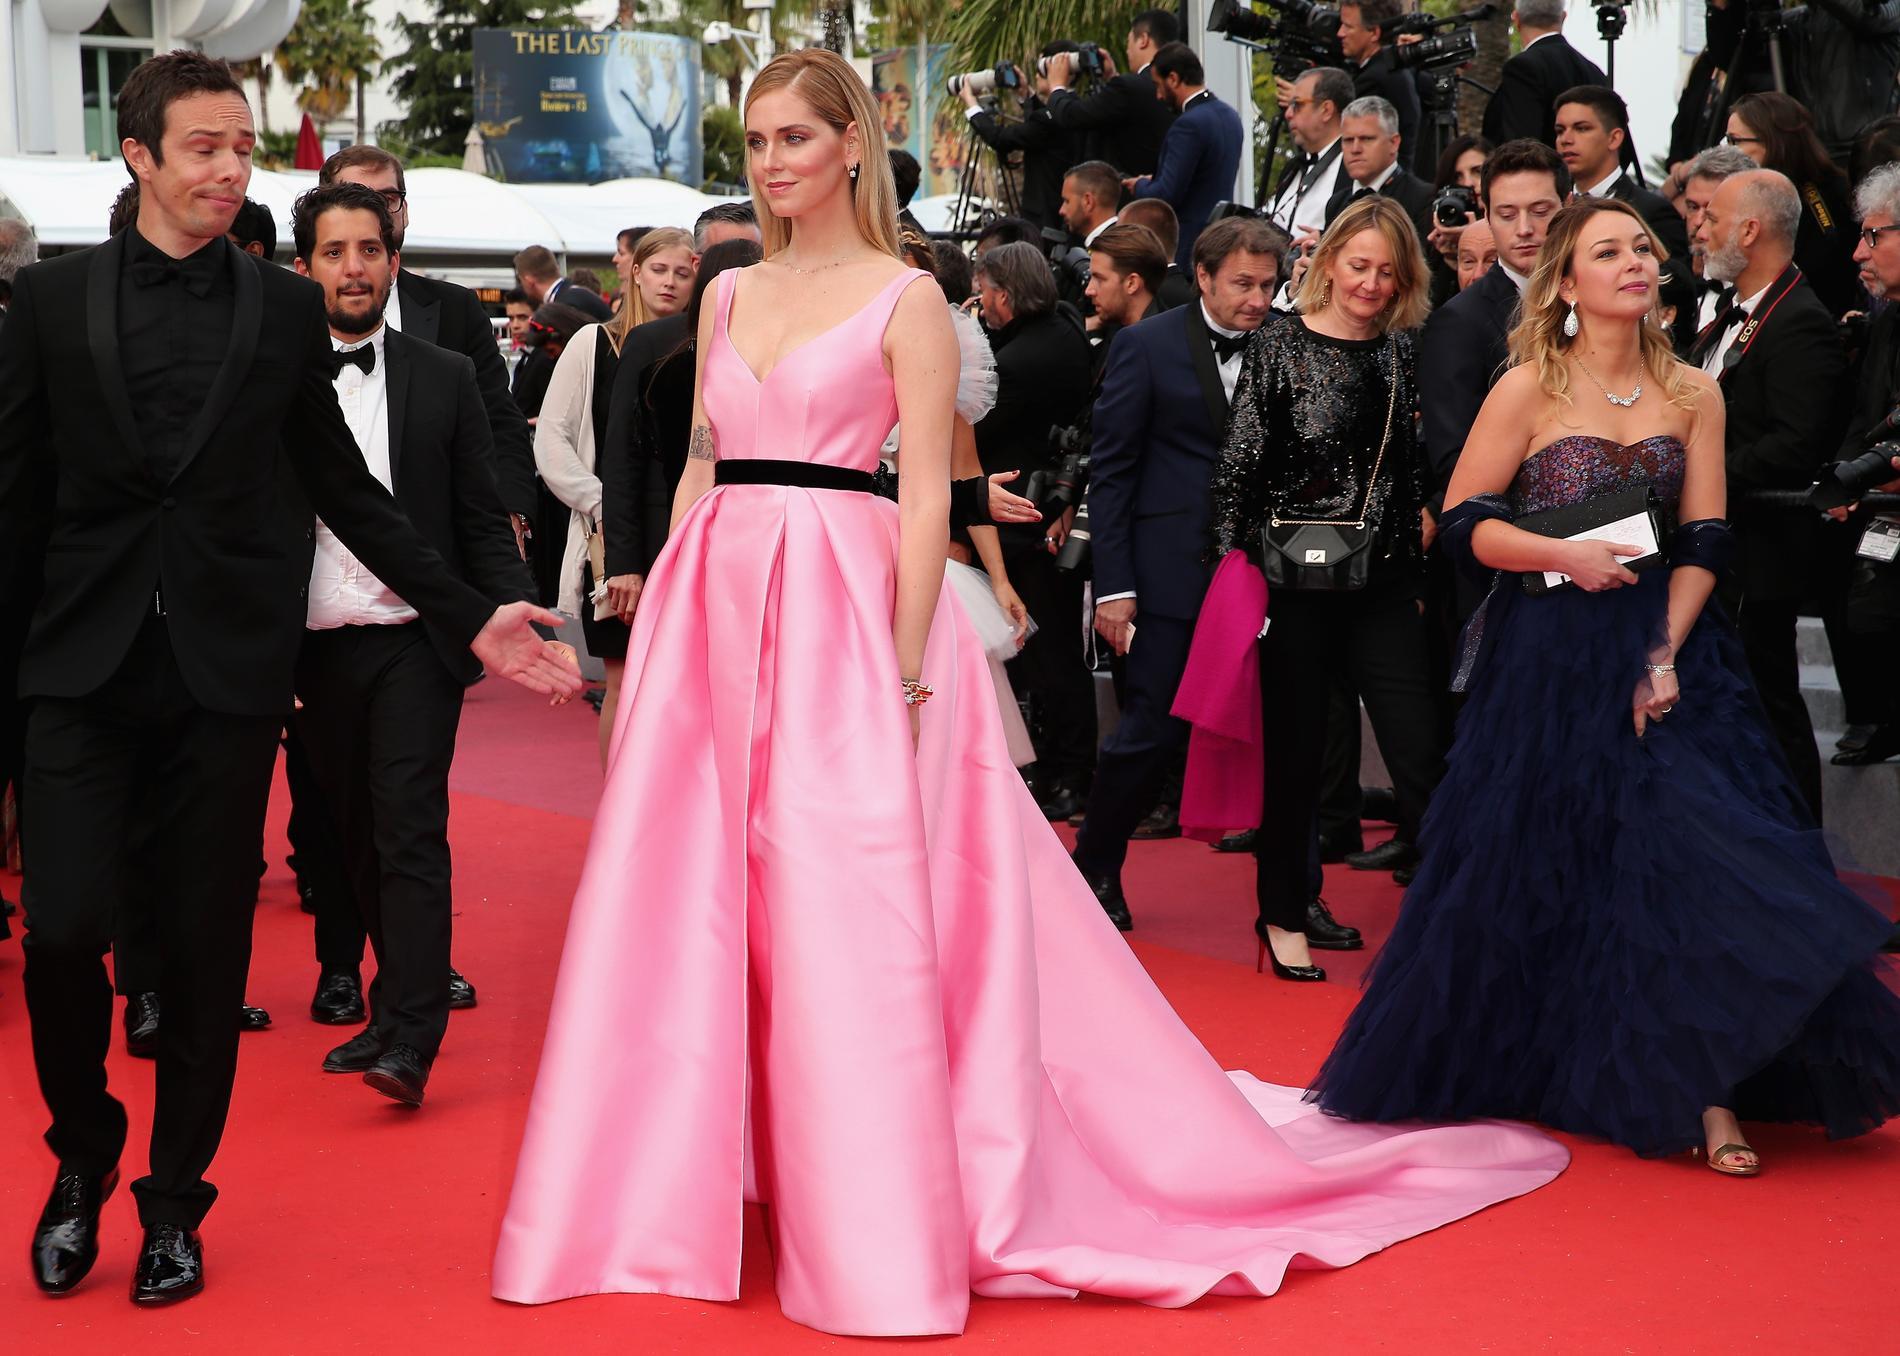 d3bccc7c787 ... Les plus belles robes aperçues sur le tapis rouge du Festival de Cannes  2018 - Chiara Ferragni en Alberta Ferretti ...